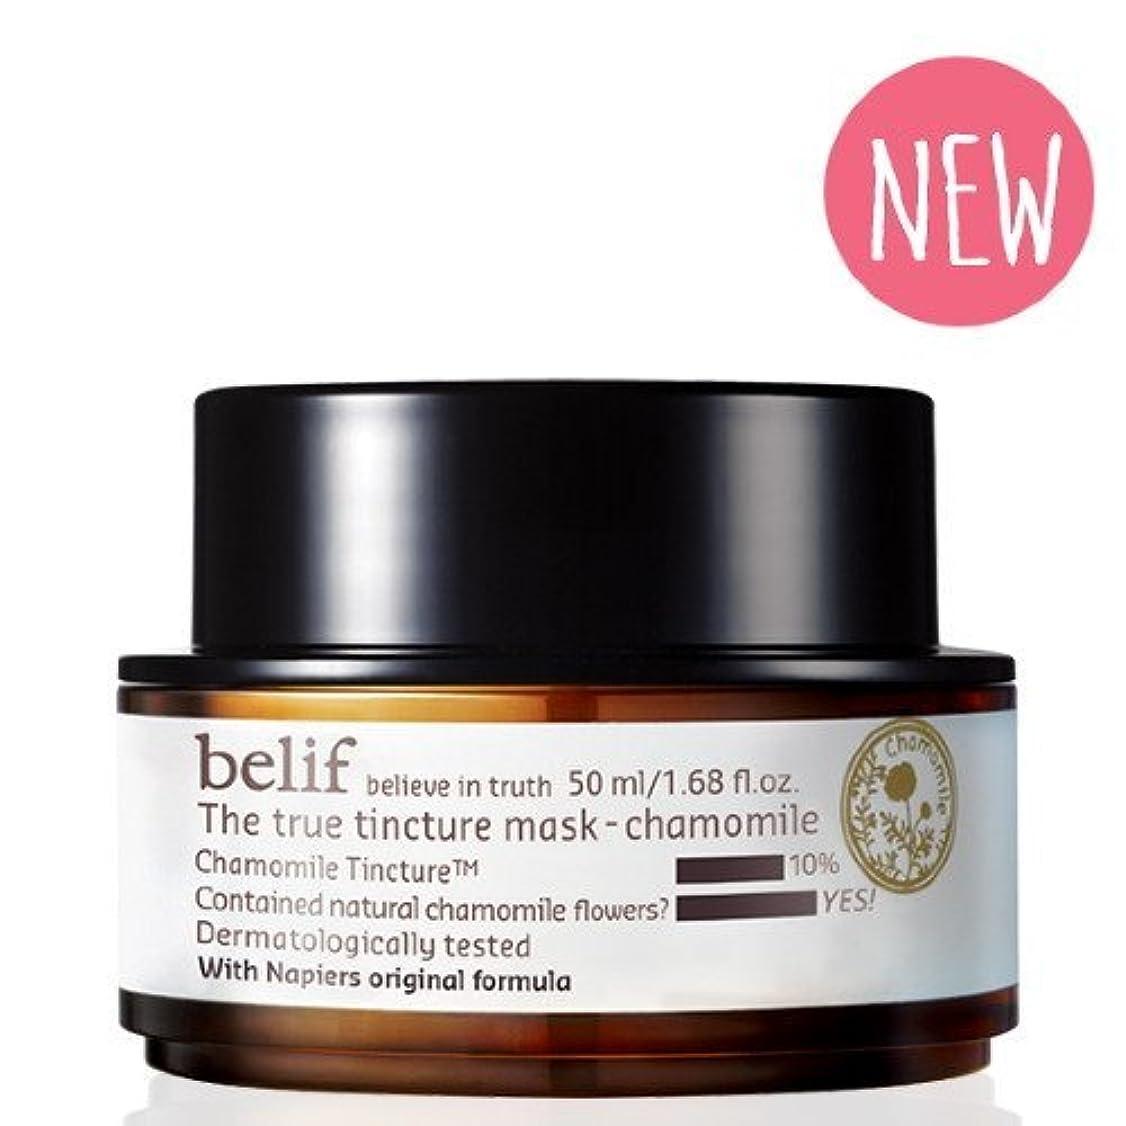 ダンプ指定透過性2016 New - Belif The True Tincture Mask chamomile [並行輸入品]